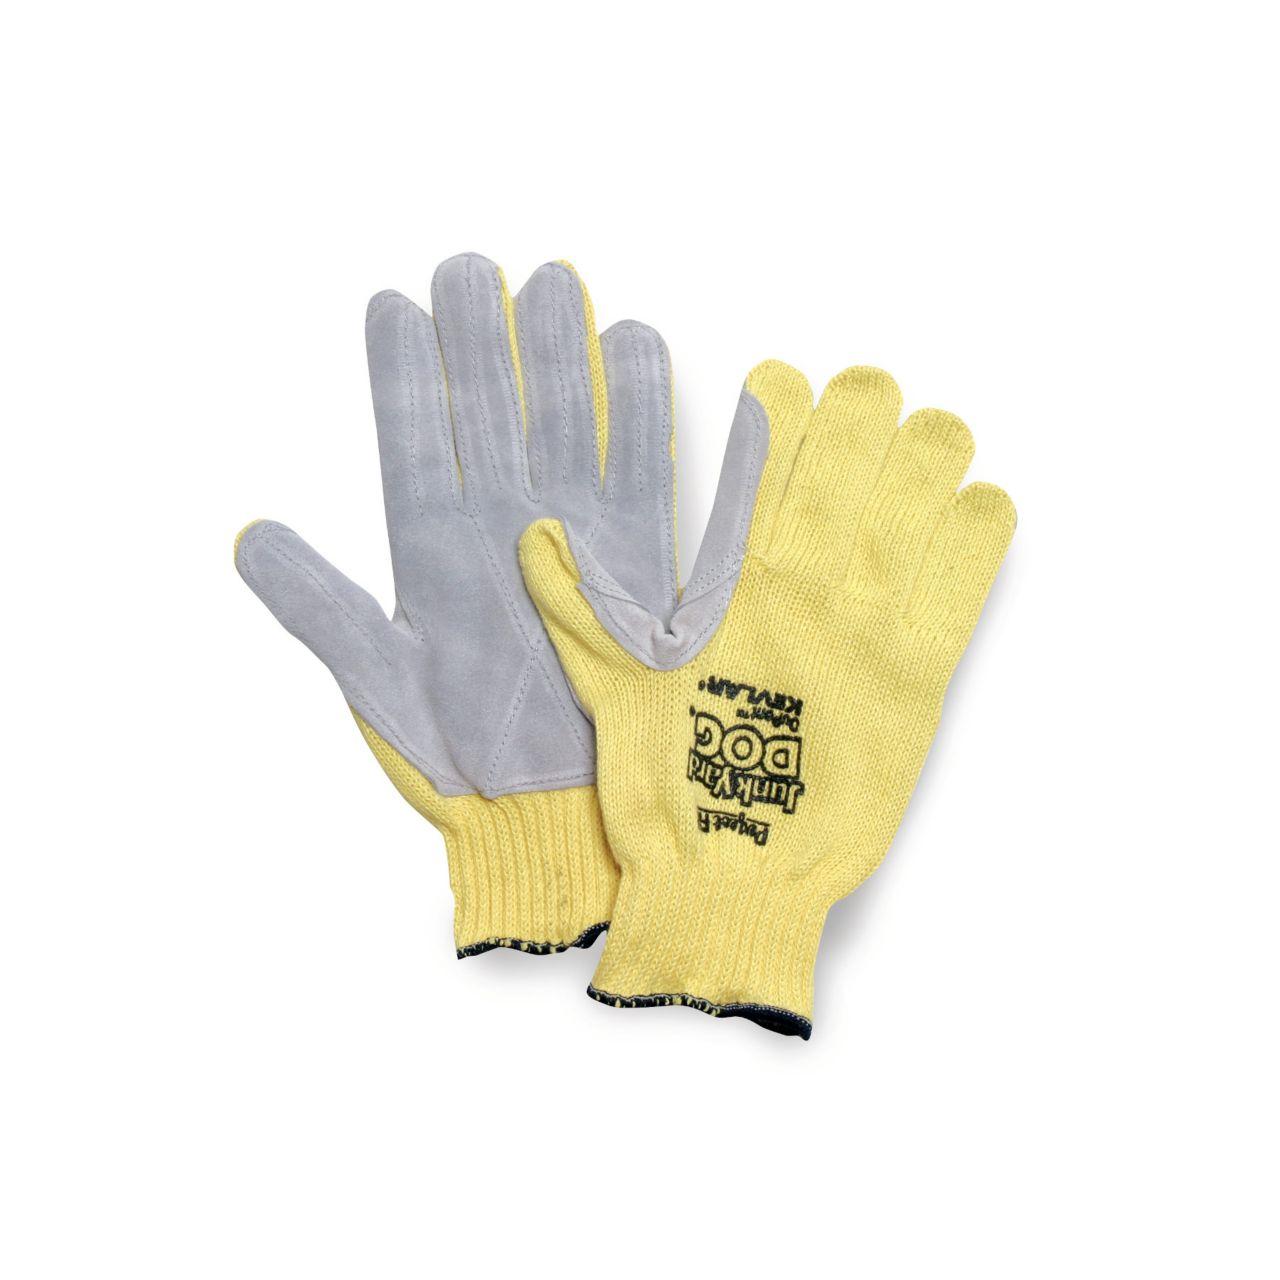 Junk Yard Dog Glove